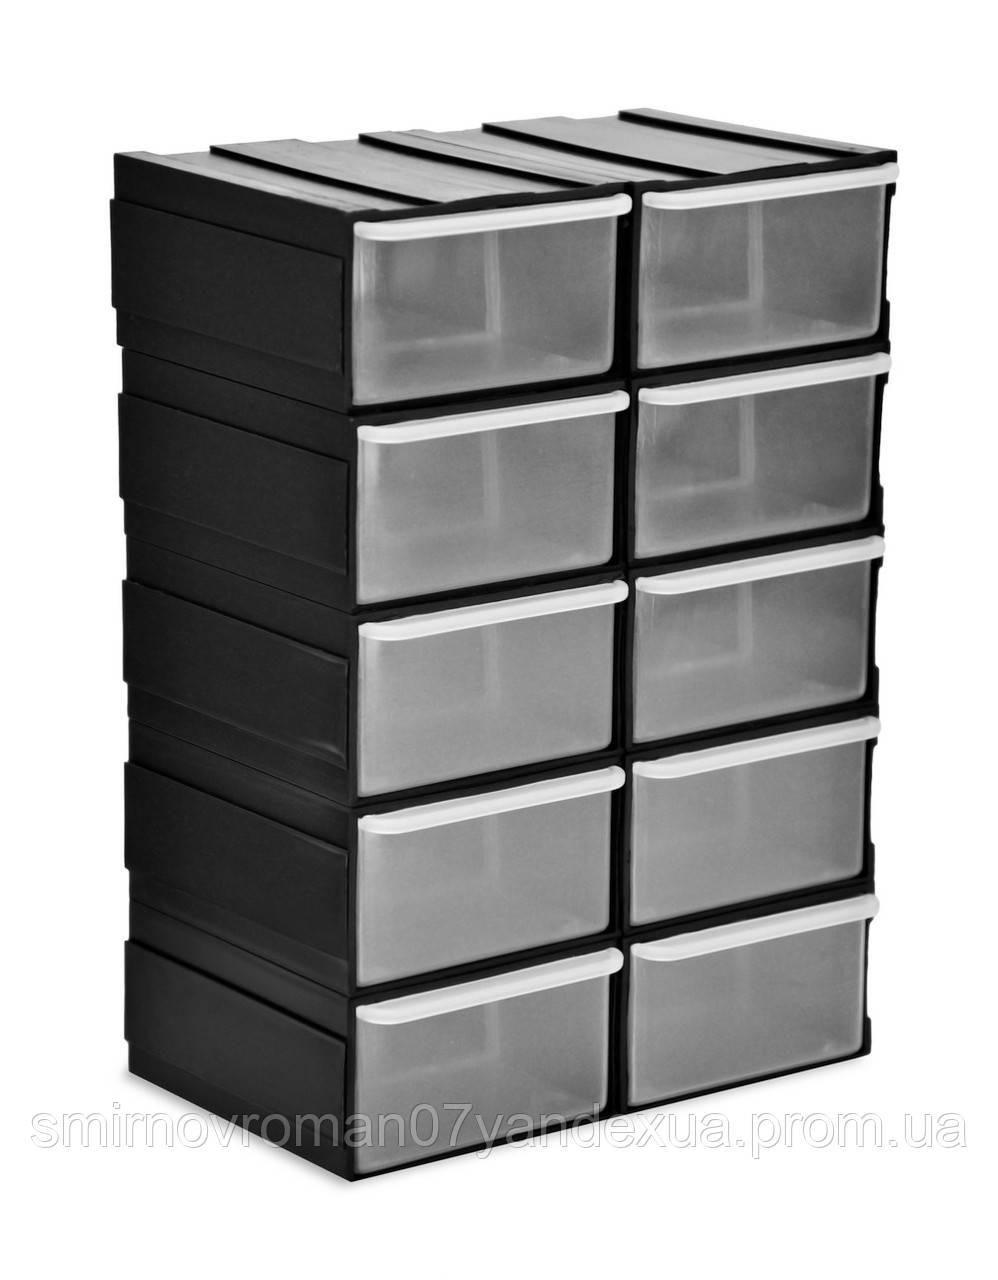 Емкости выдвижные  (комплект 10шт) / 52-603, 190х105х225 мм